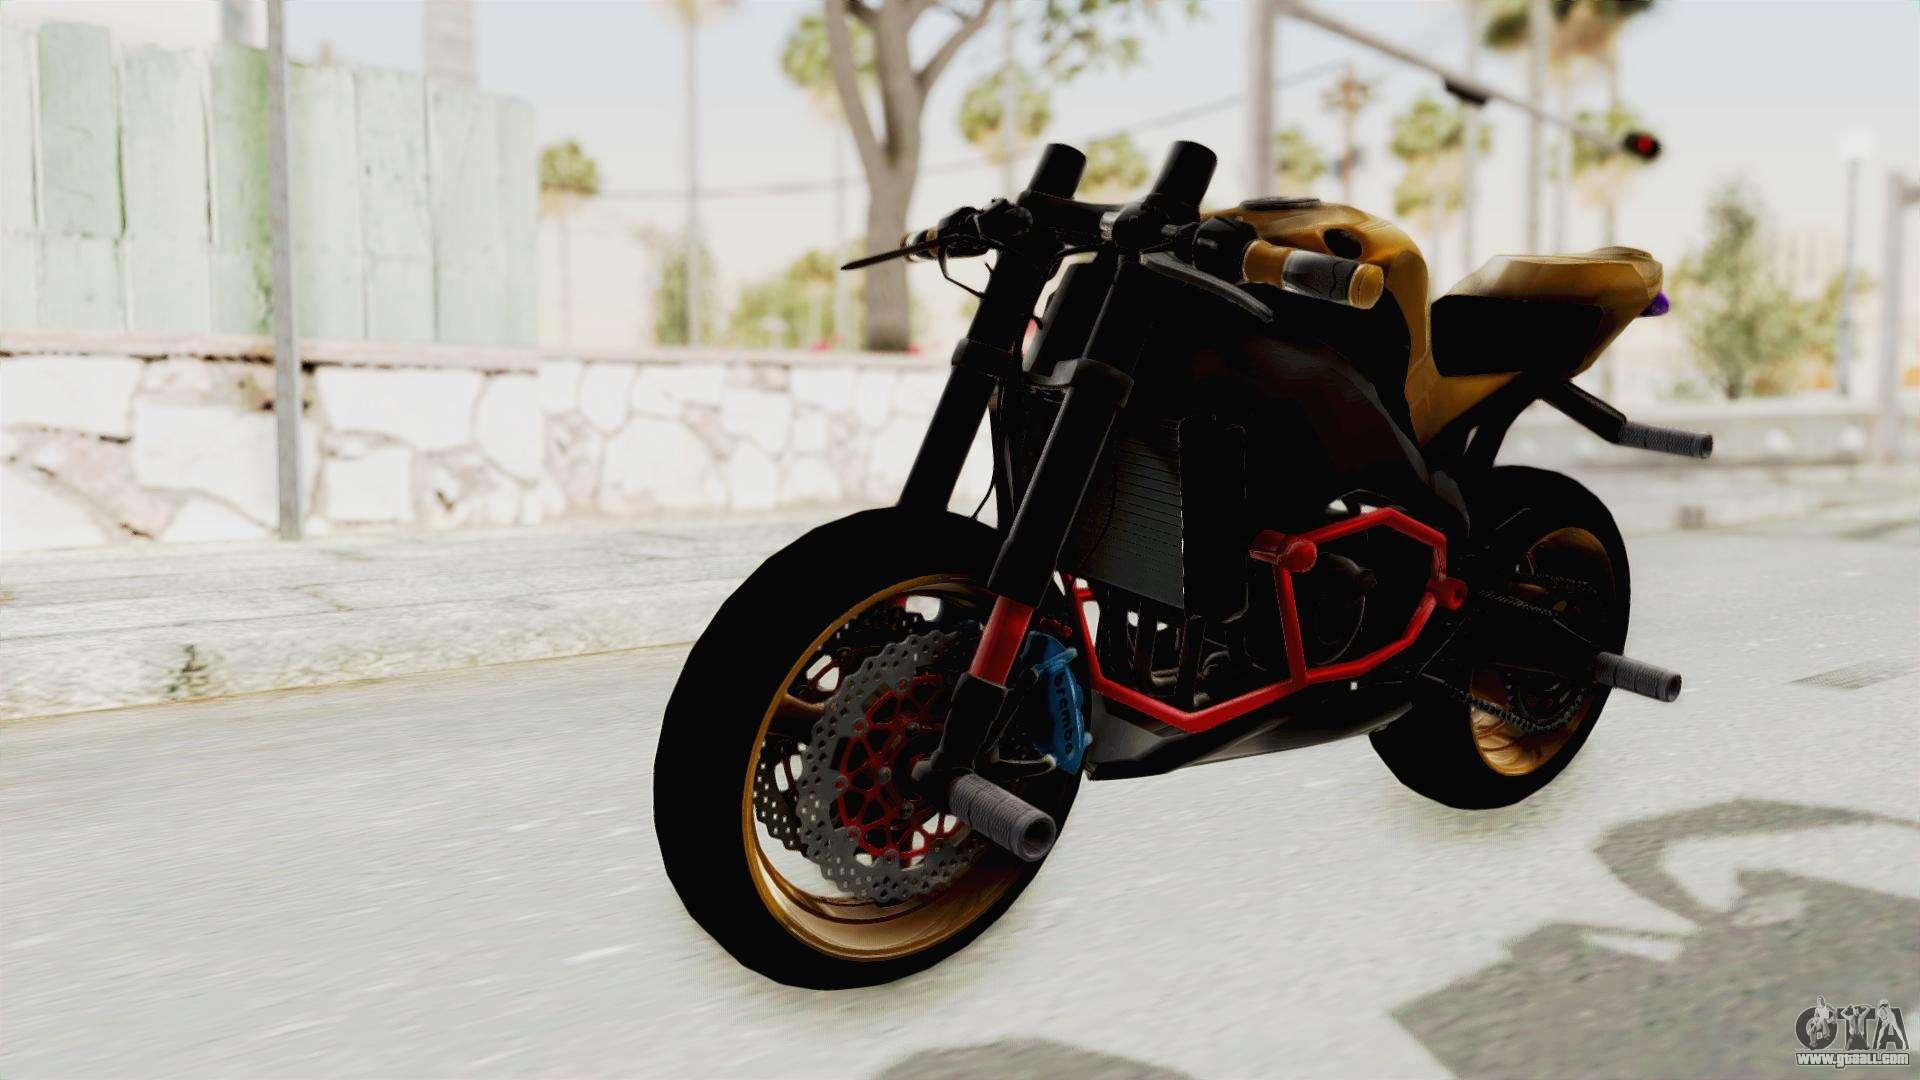 Honda Cbr1000Rr Naked Bike Stunt For Gta San Andreas-6346